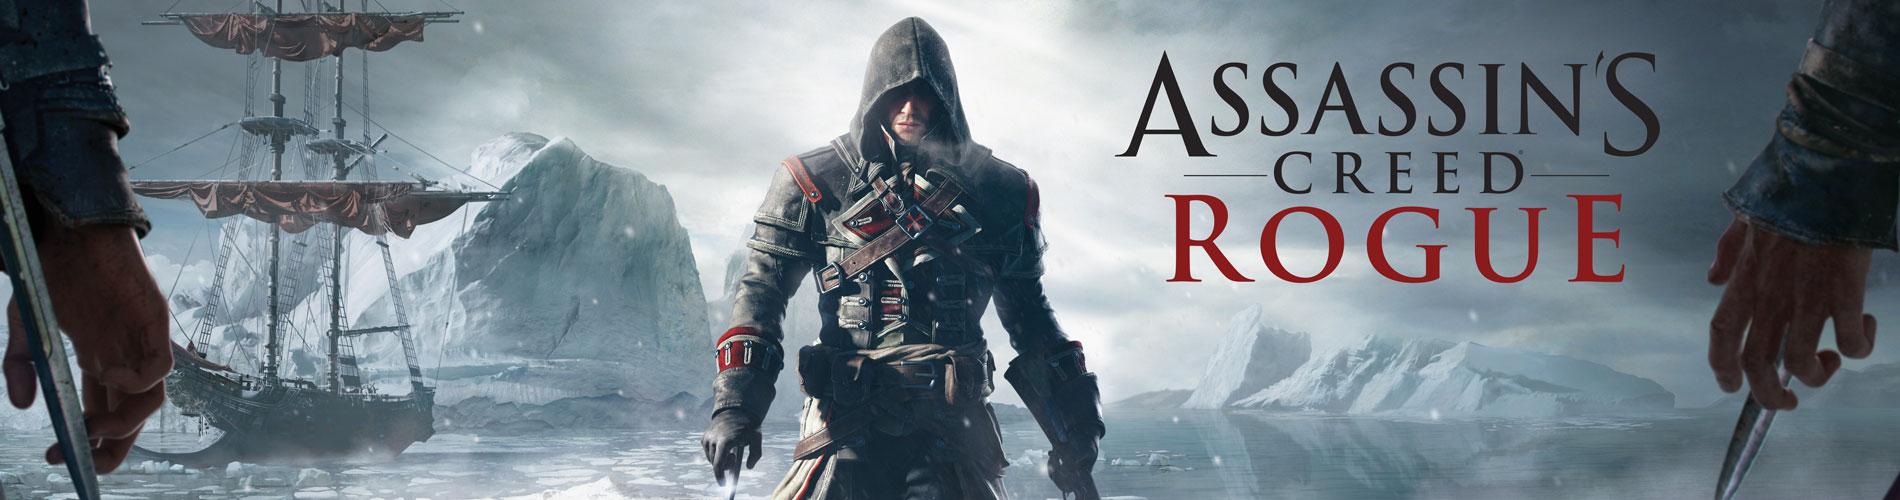 Скачать моды и патчи для Assassins Creed Rogue через